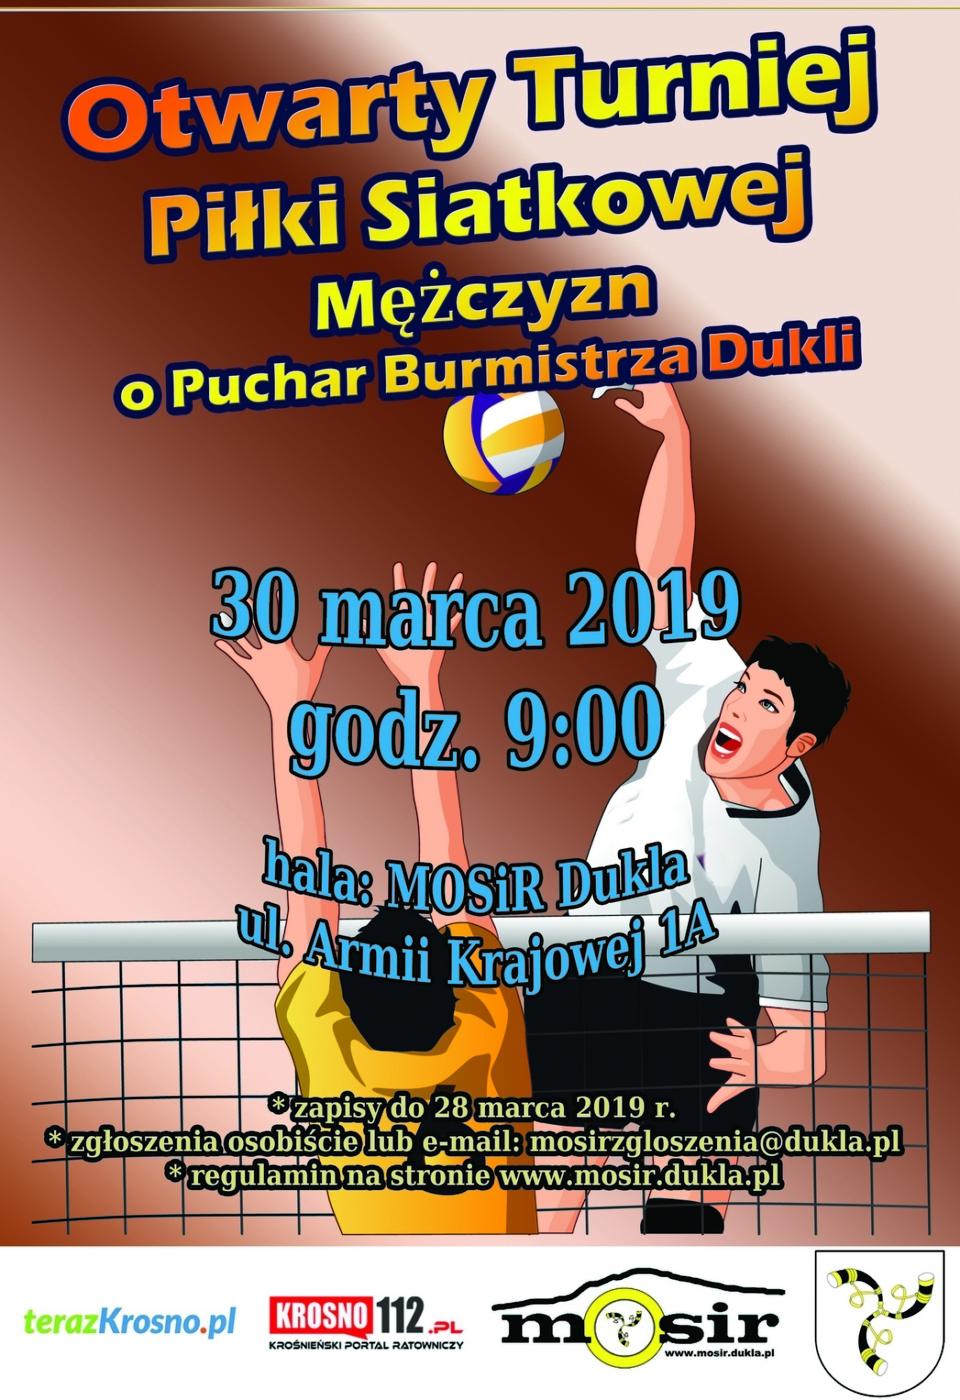 Otwarty turniej pilki siatkowej mezczyzn puchar burmistrza2019m